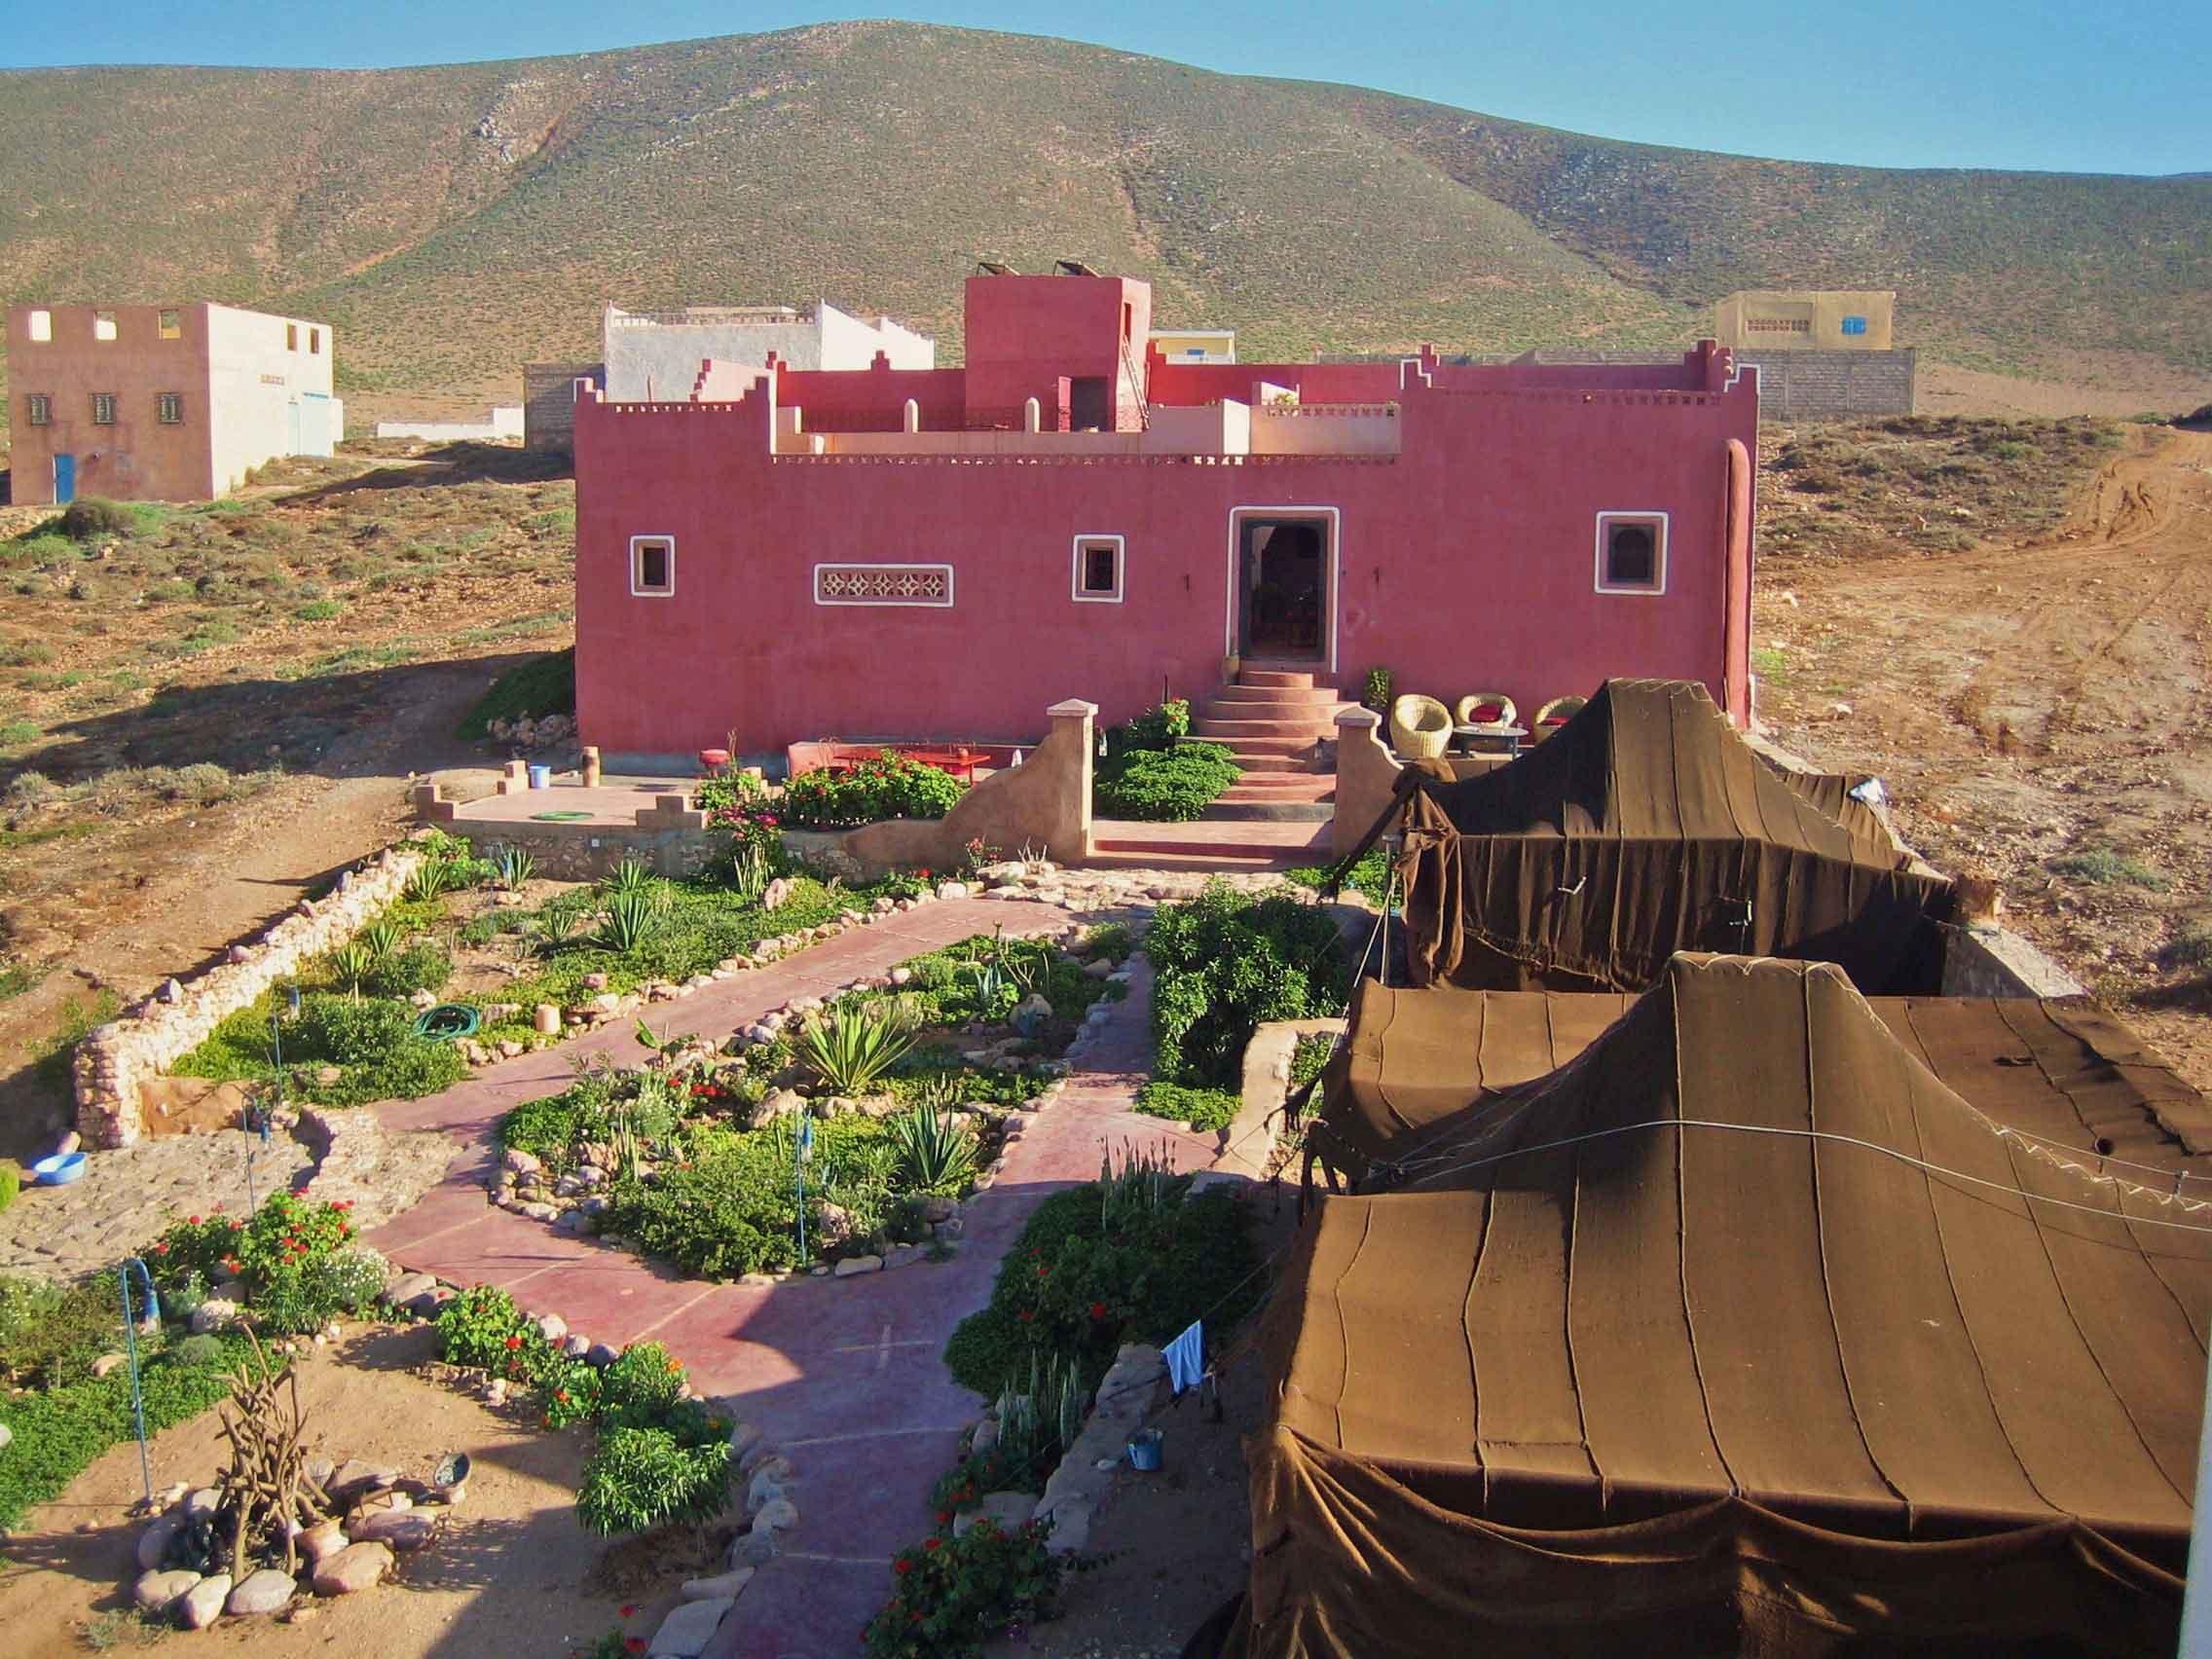 chambre d'hote au maroc